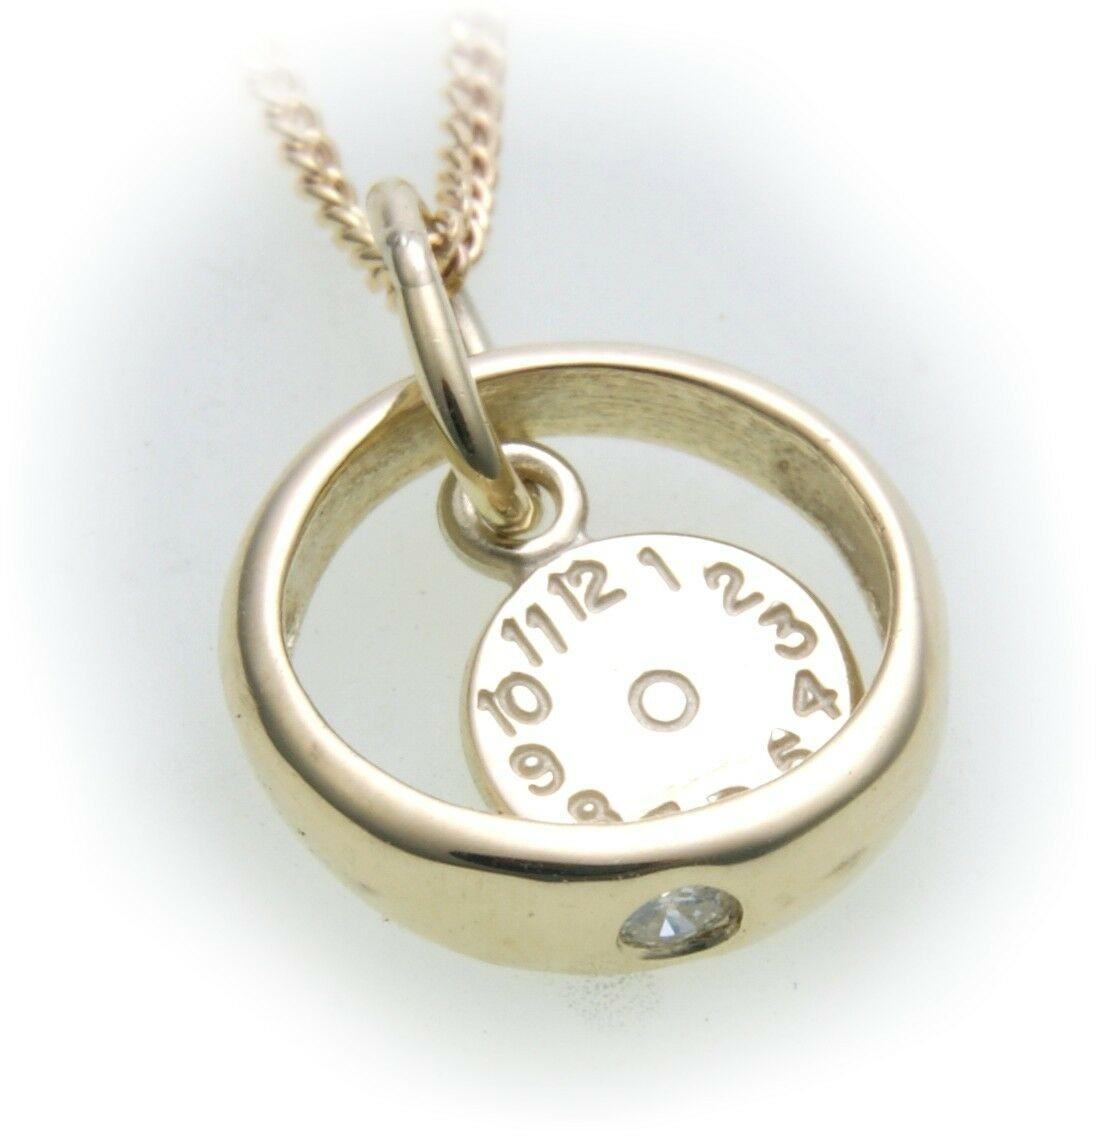 Taufring mit Uhr Brillant 0,03 ct echt 333 Gold 8kt Taufe Diamant Qualität